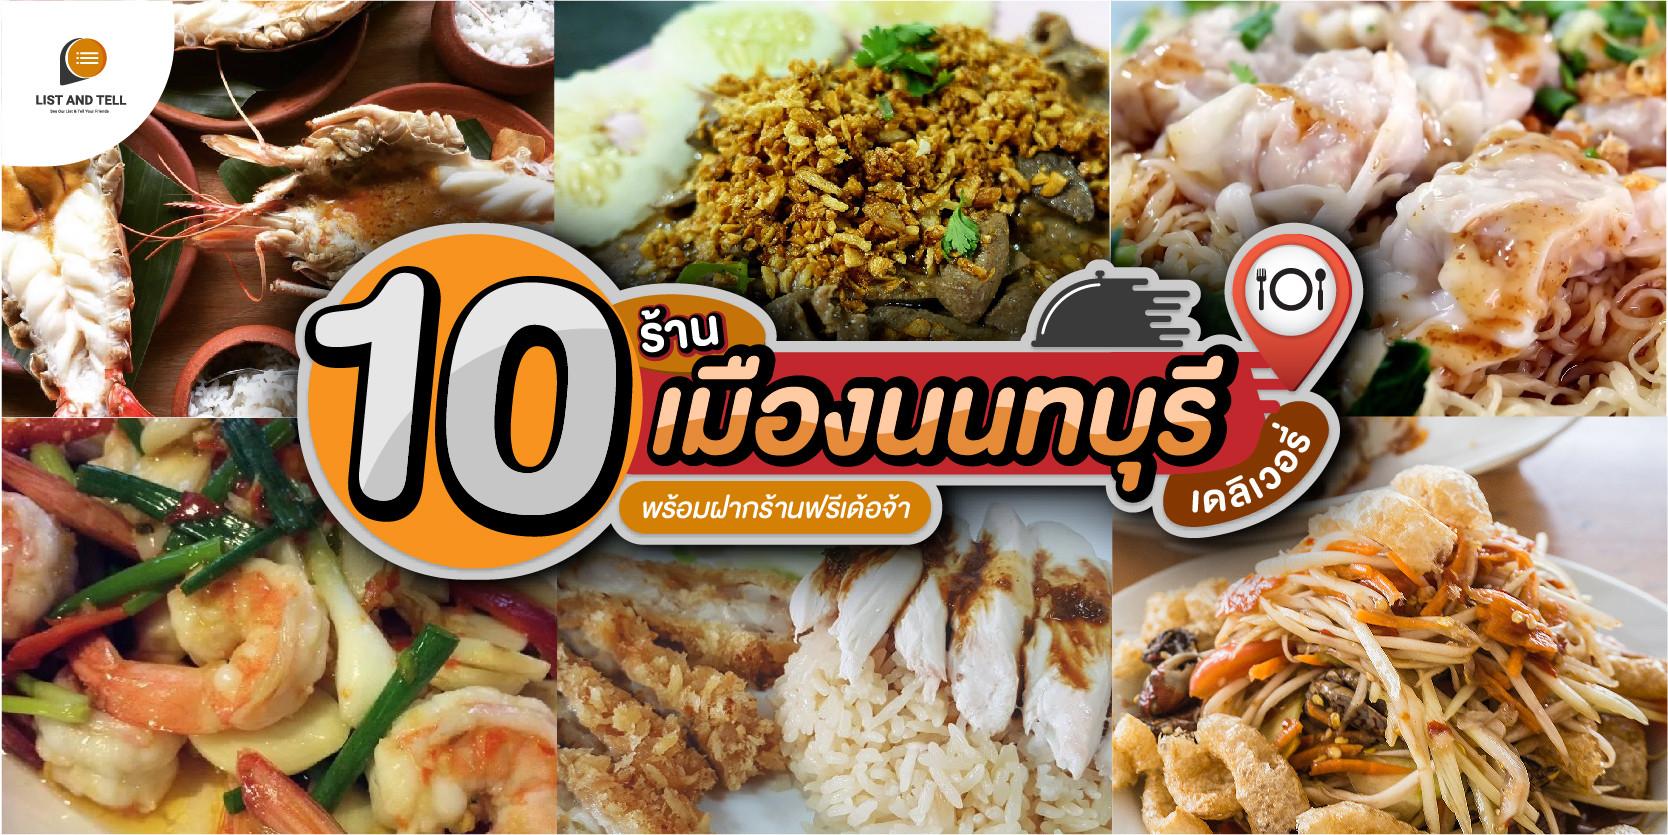 10 ร้านย่านนนทบุรี พร้อมส่งถึงบ้าน อัปเดตปี 2020